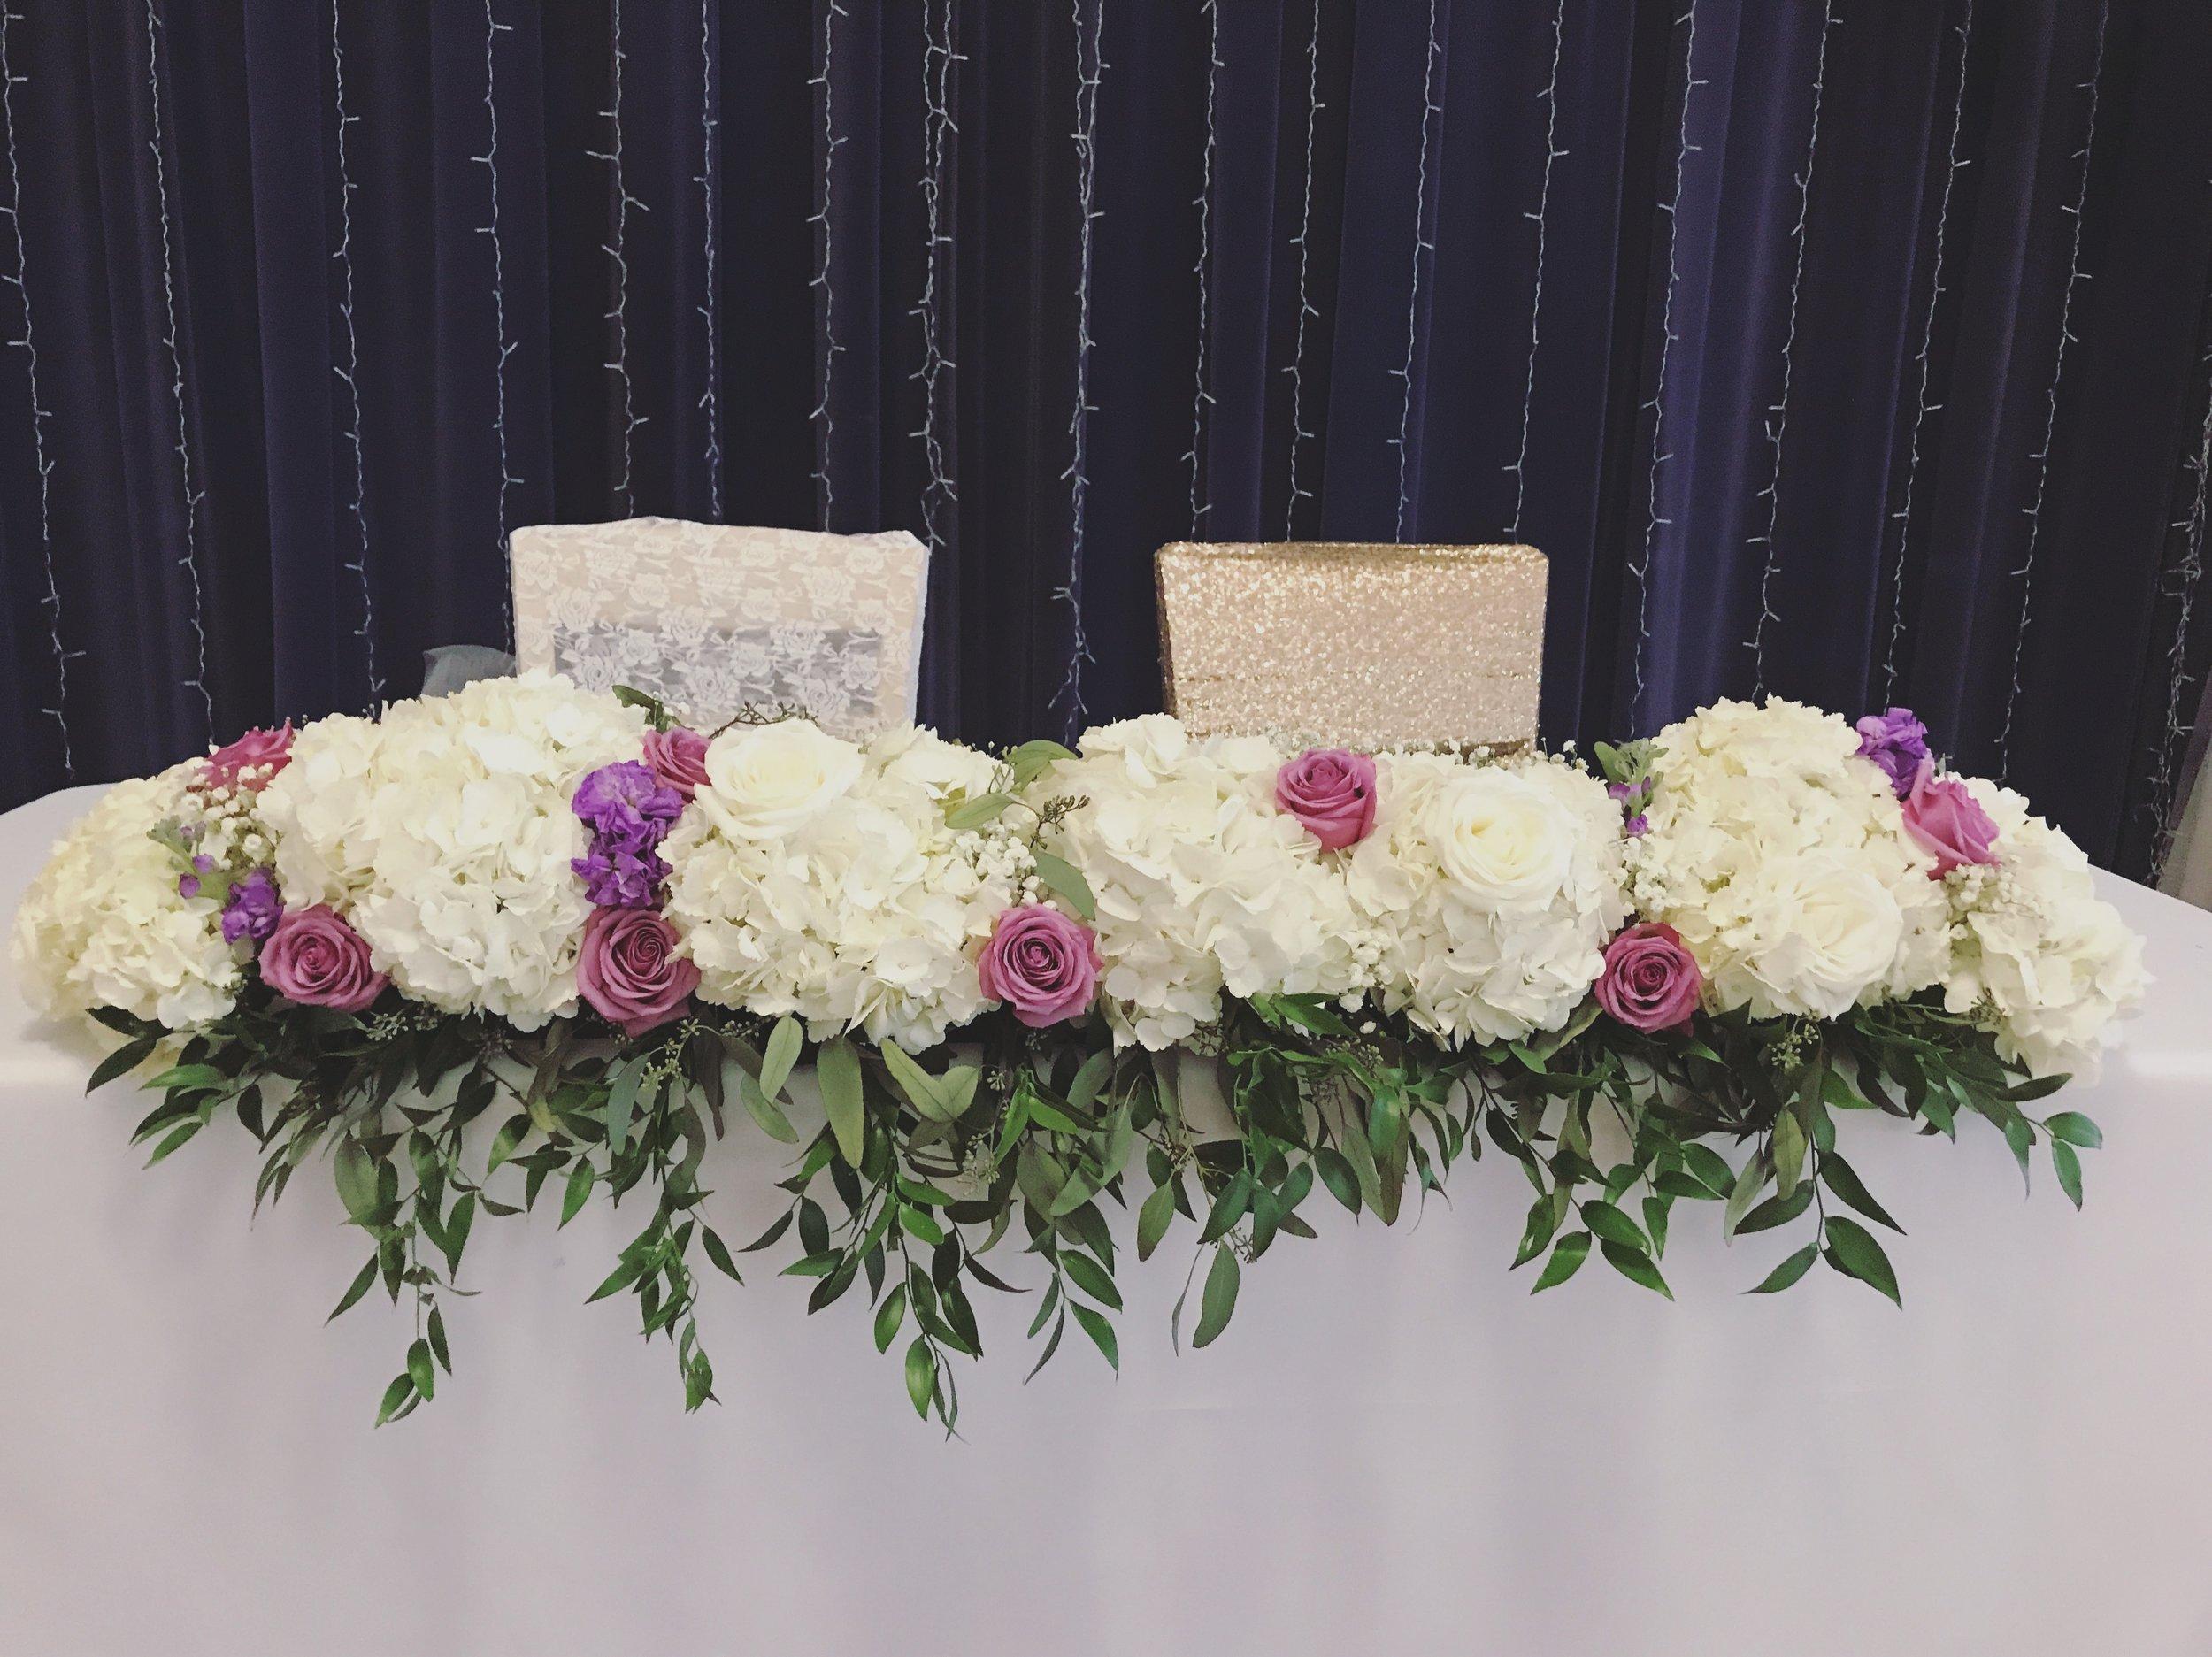 Evelisa Floral & Design: Sweet table design